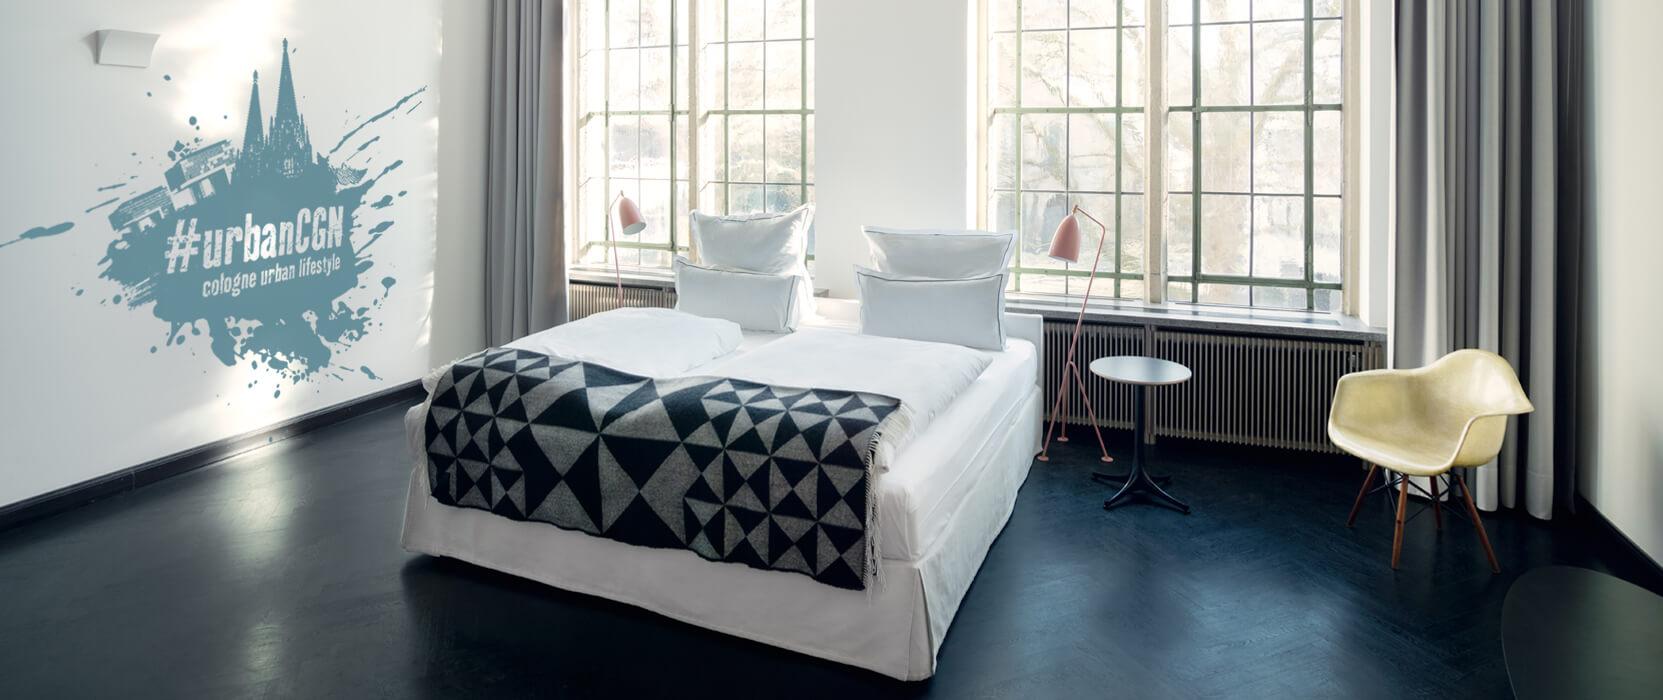 ubernachten in kolns schonsten designhotels headerbild